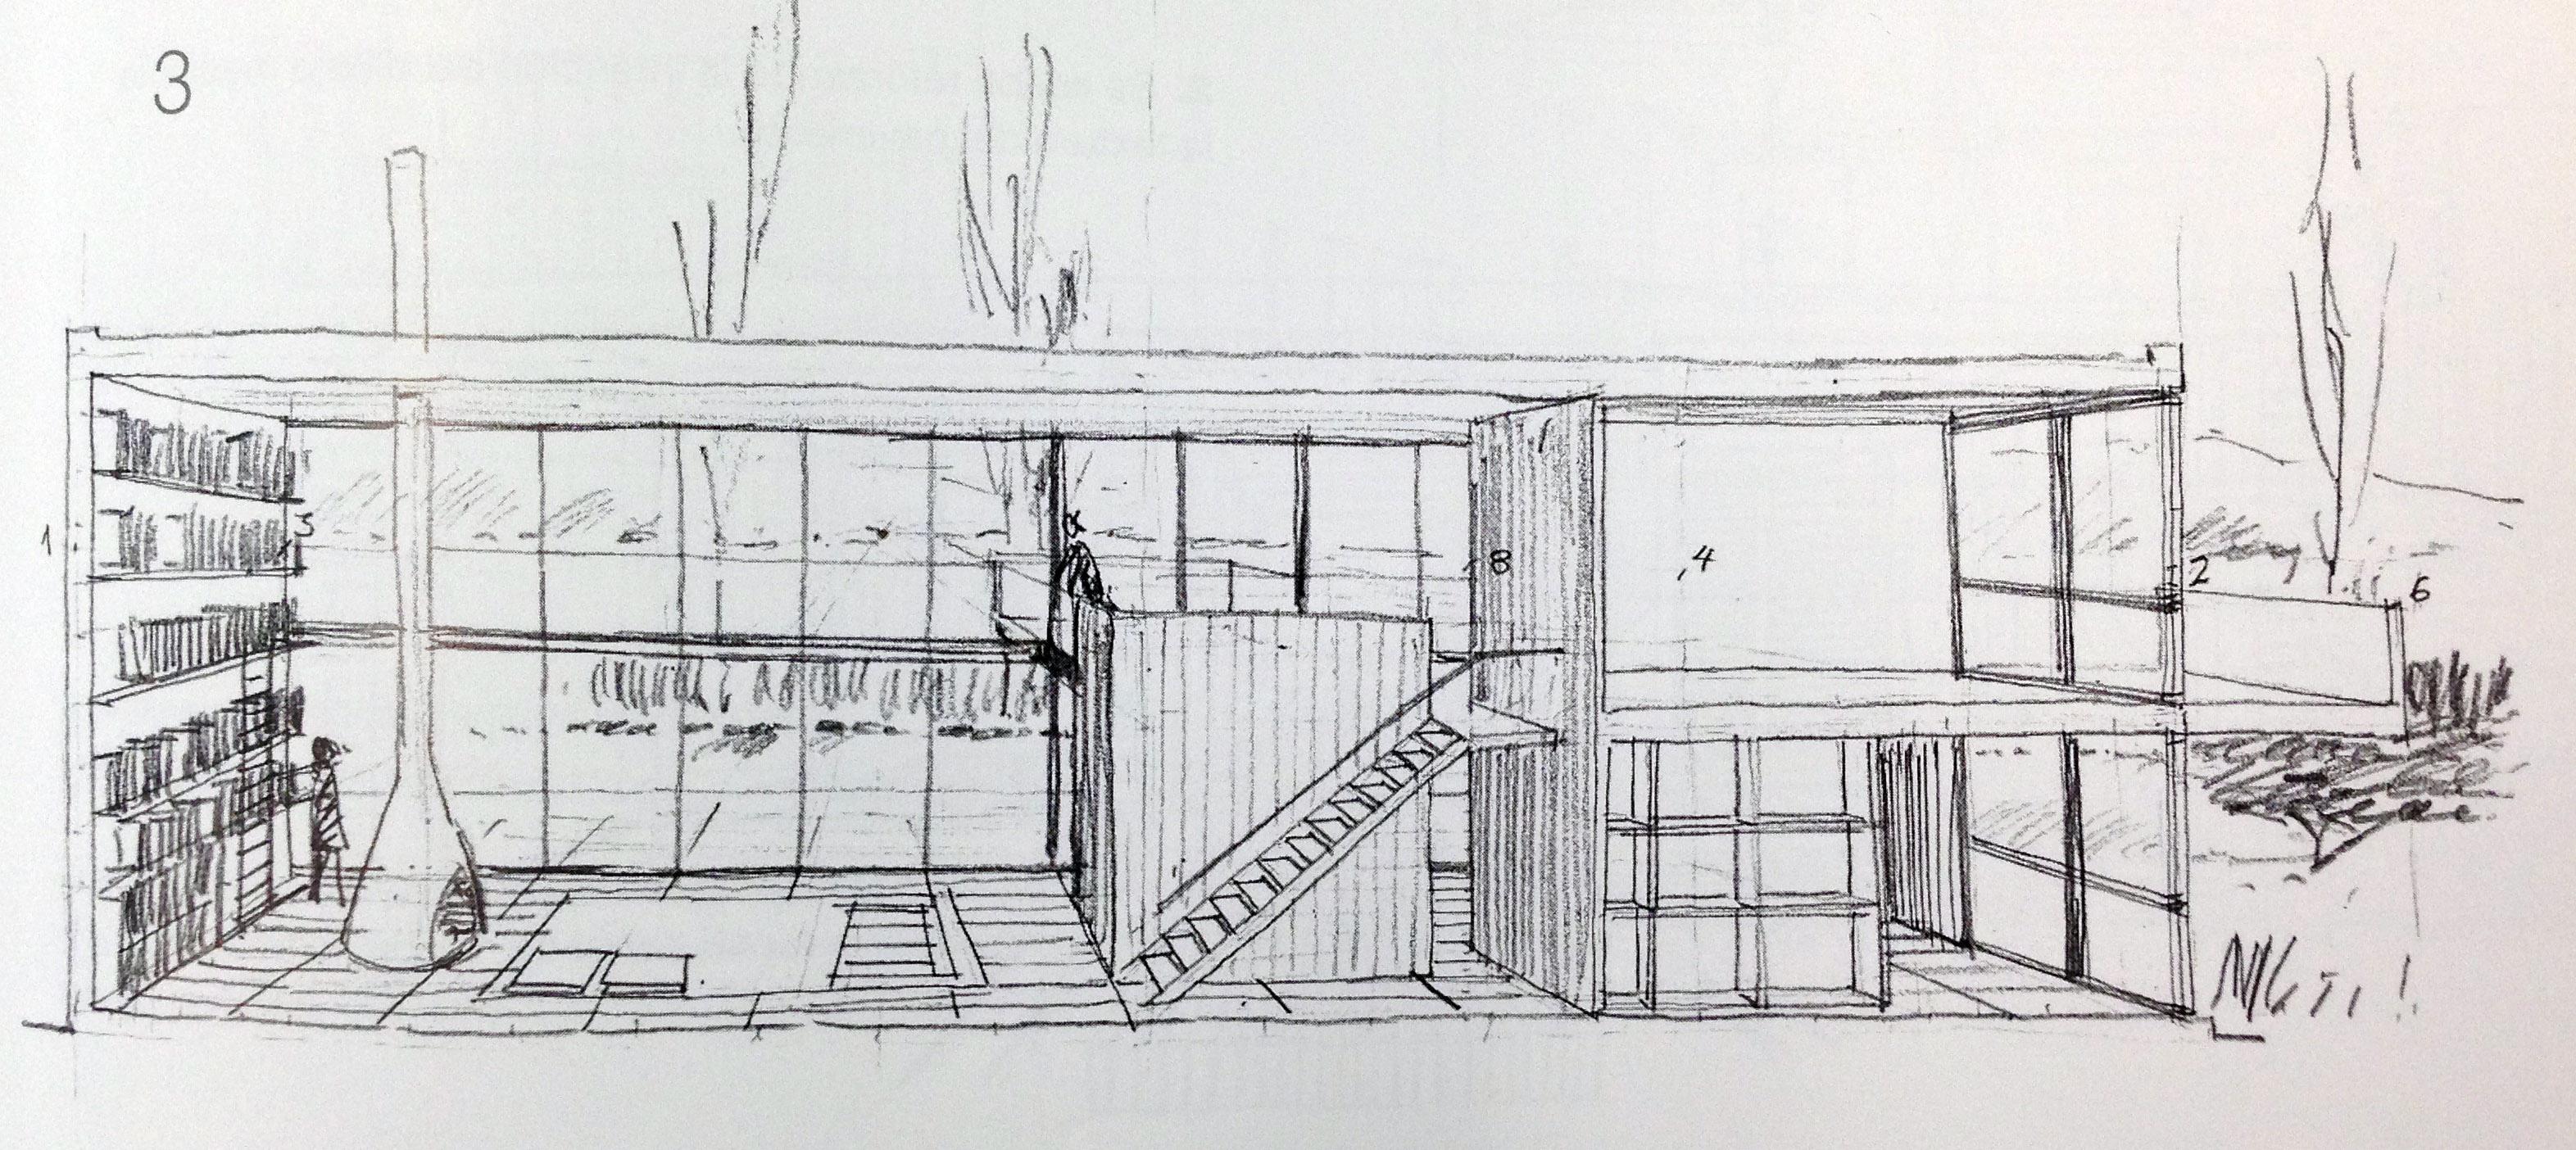 Libros sobre dibujo de arquitectura an lisis de formas for El dibujo de los arquitectos pdf